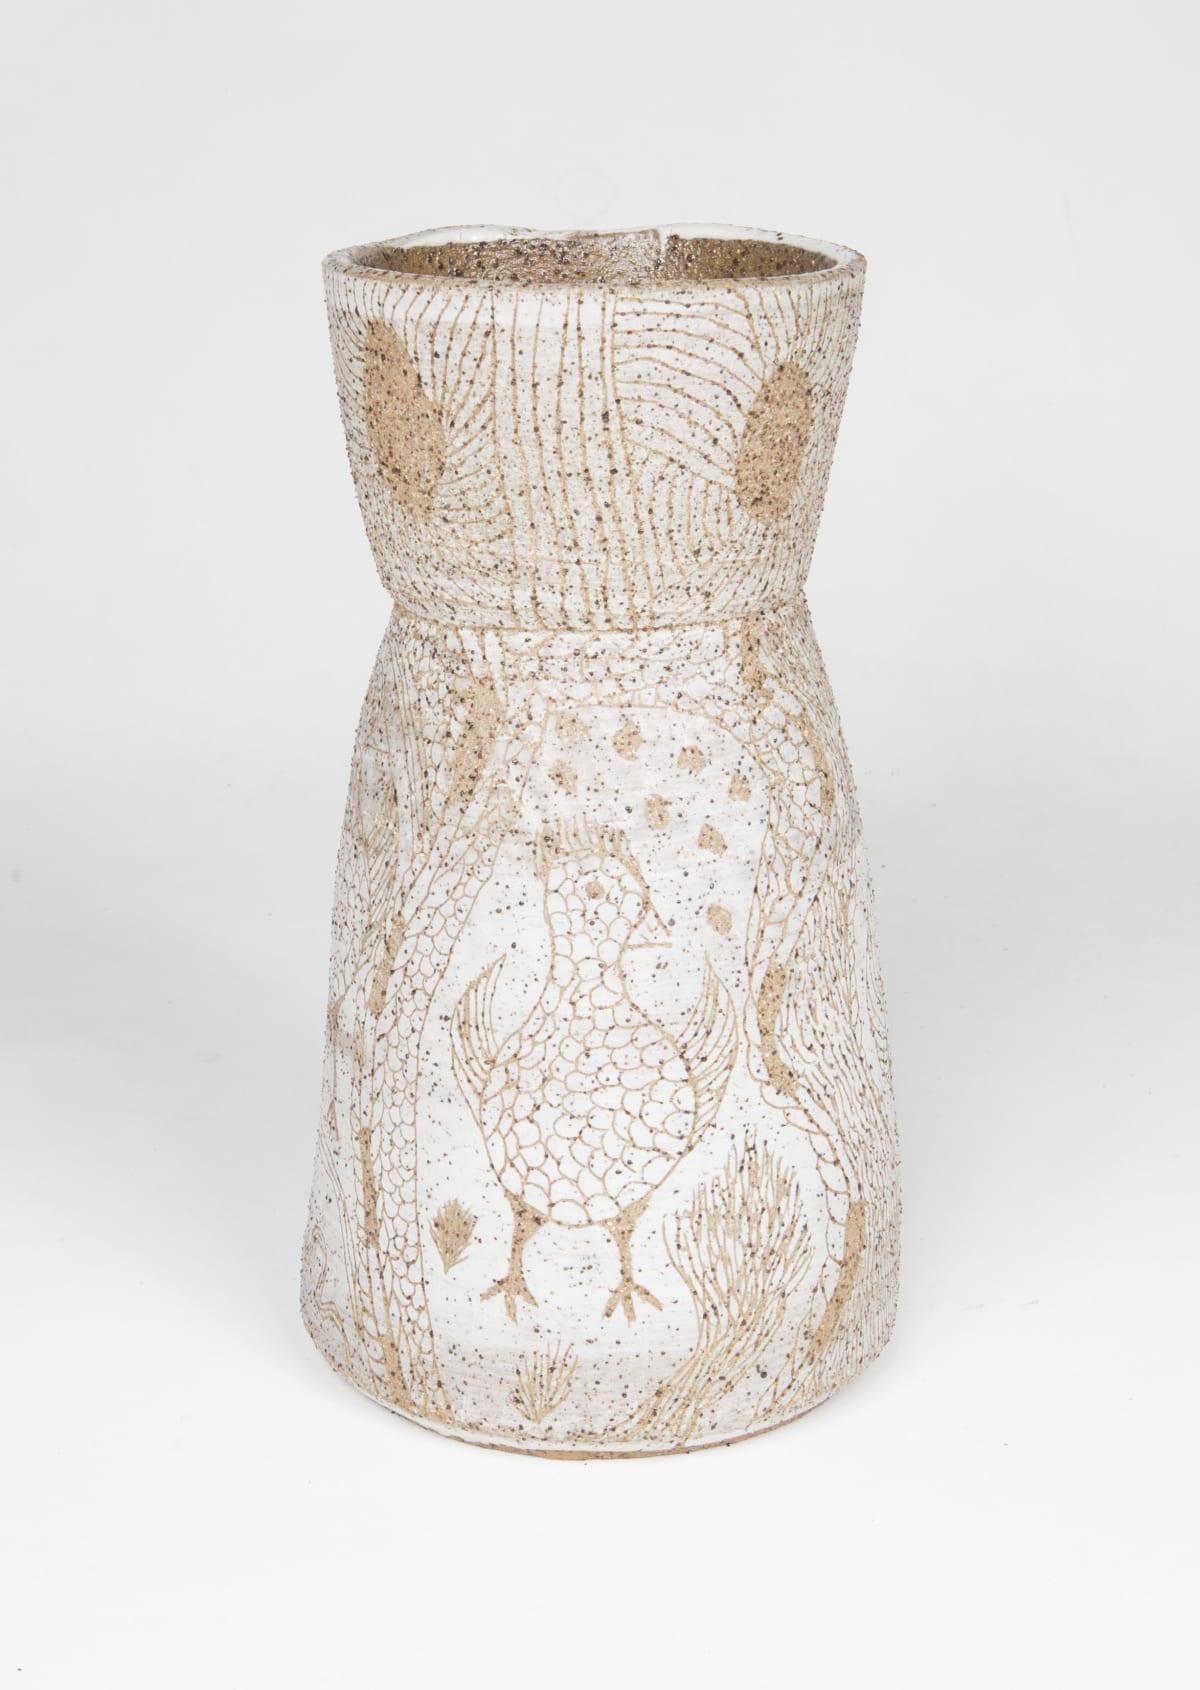 Carlene Thompson Milpatjunanyi-Kipara munu kalaya, 2018 Stoneware 30 x 16 cm